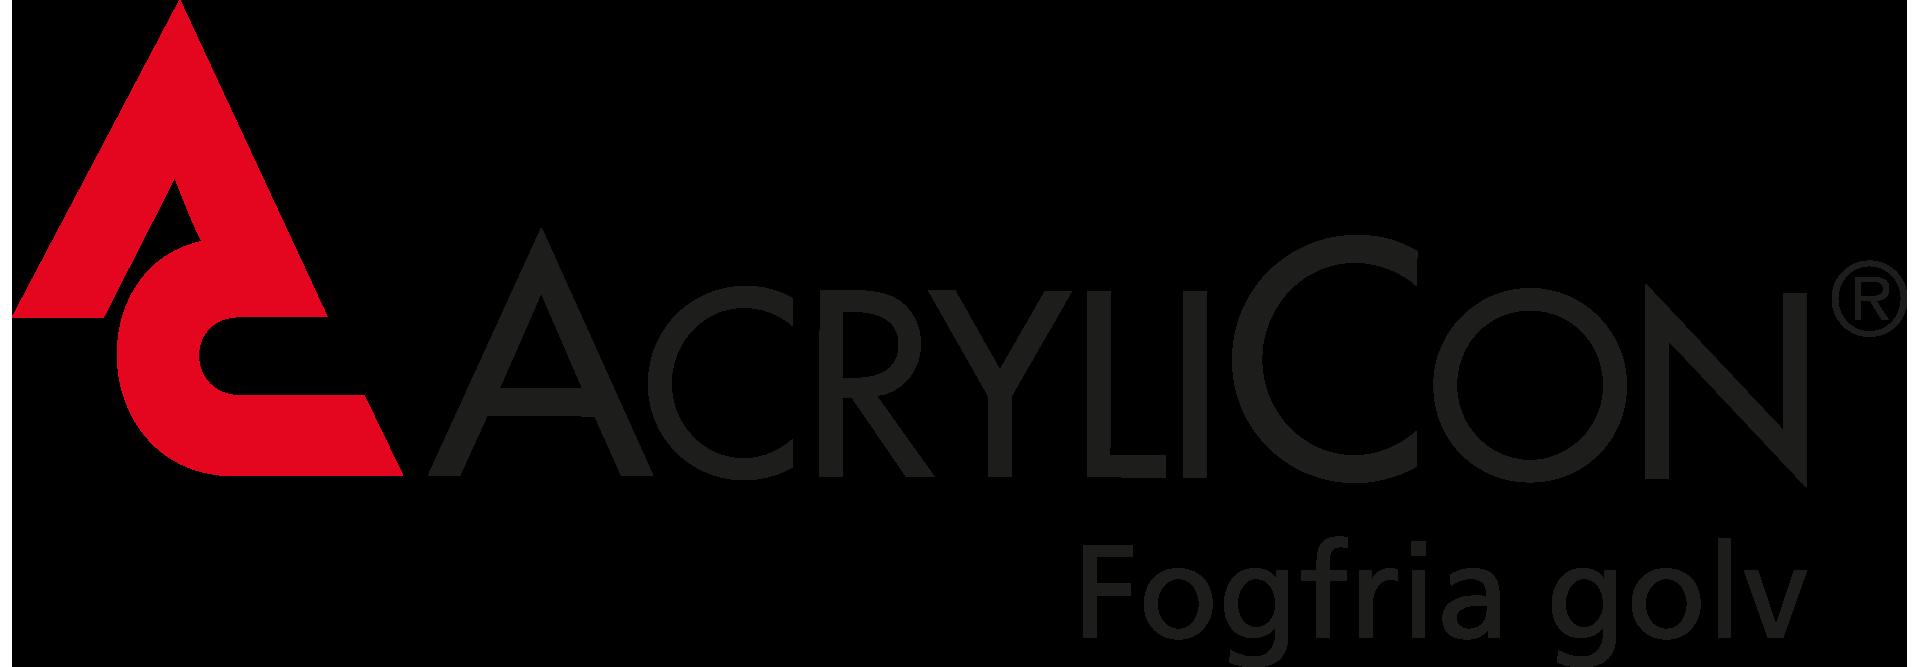 Acrylicon